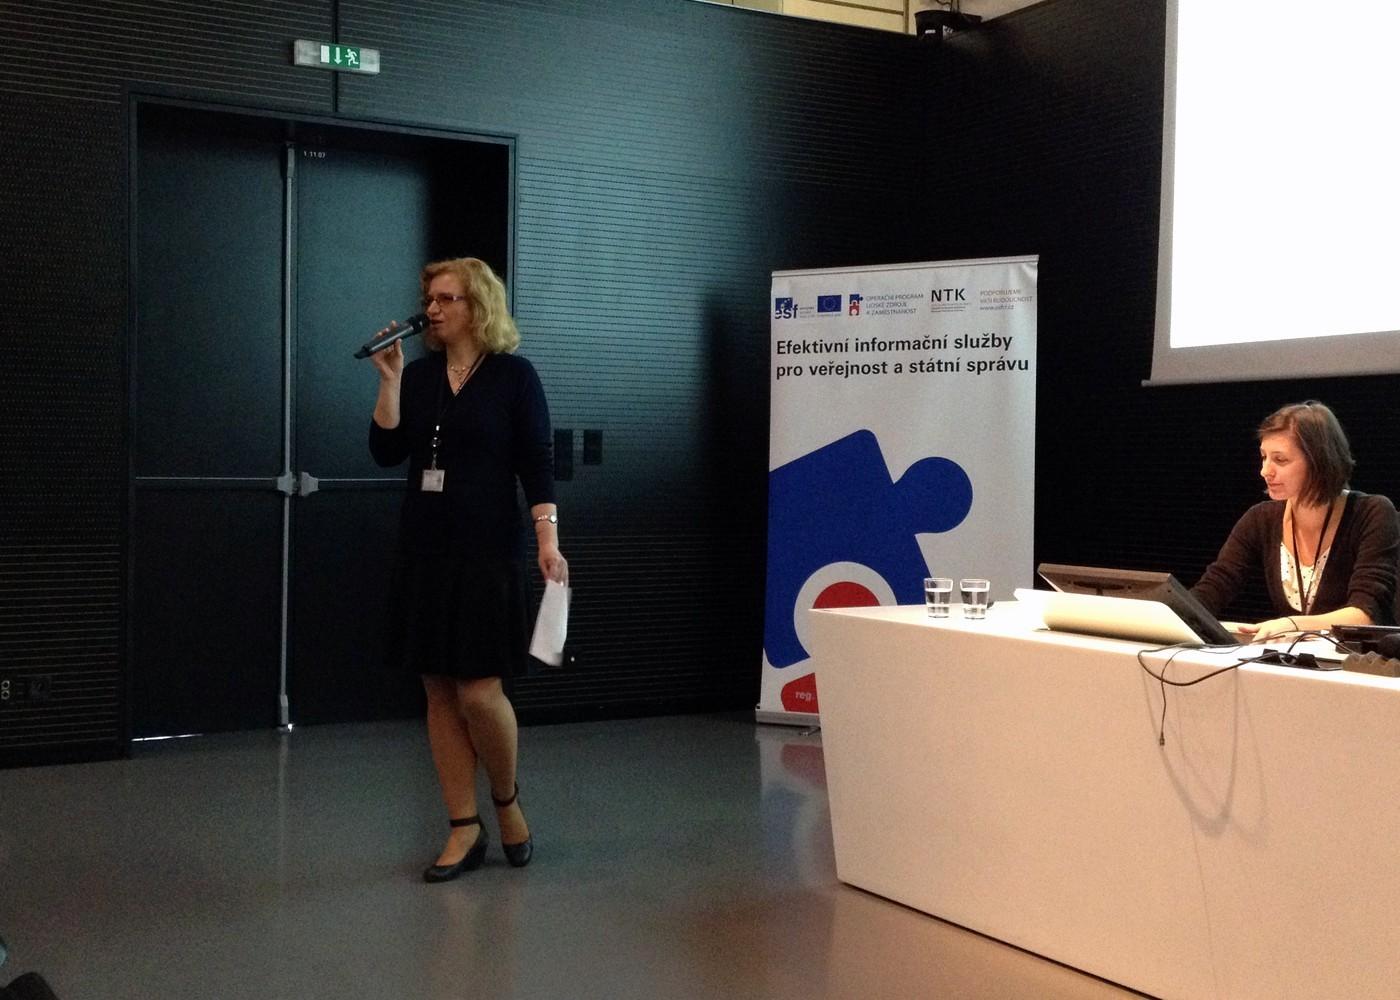 Radka Římanová, vedoucí Odboru projektů a inovací NTK